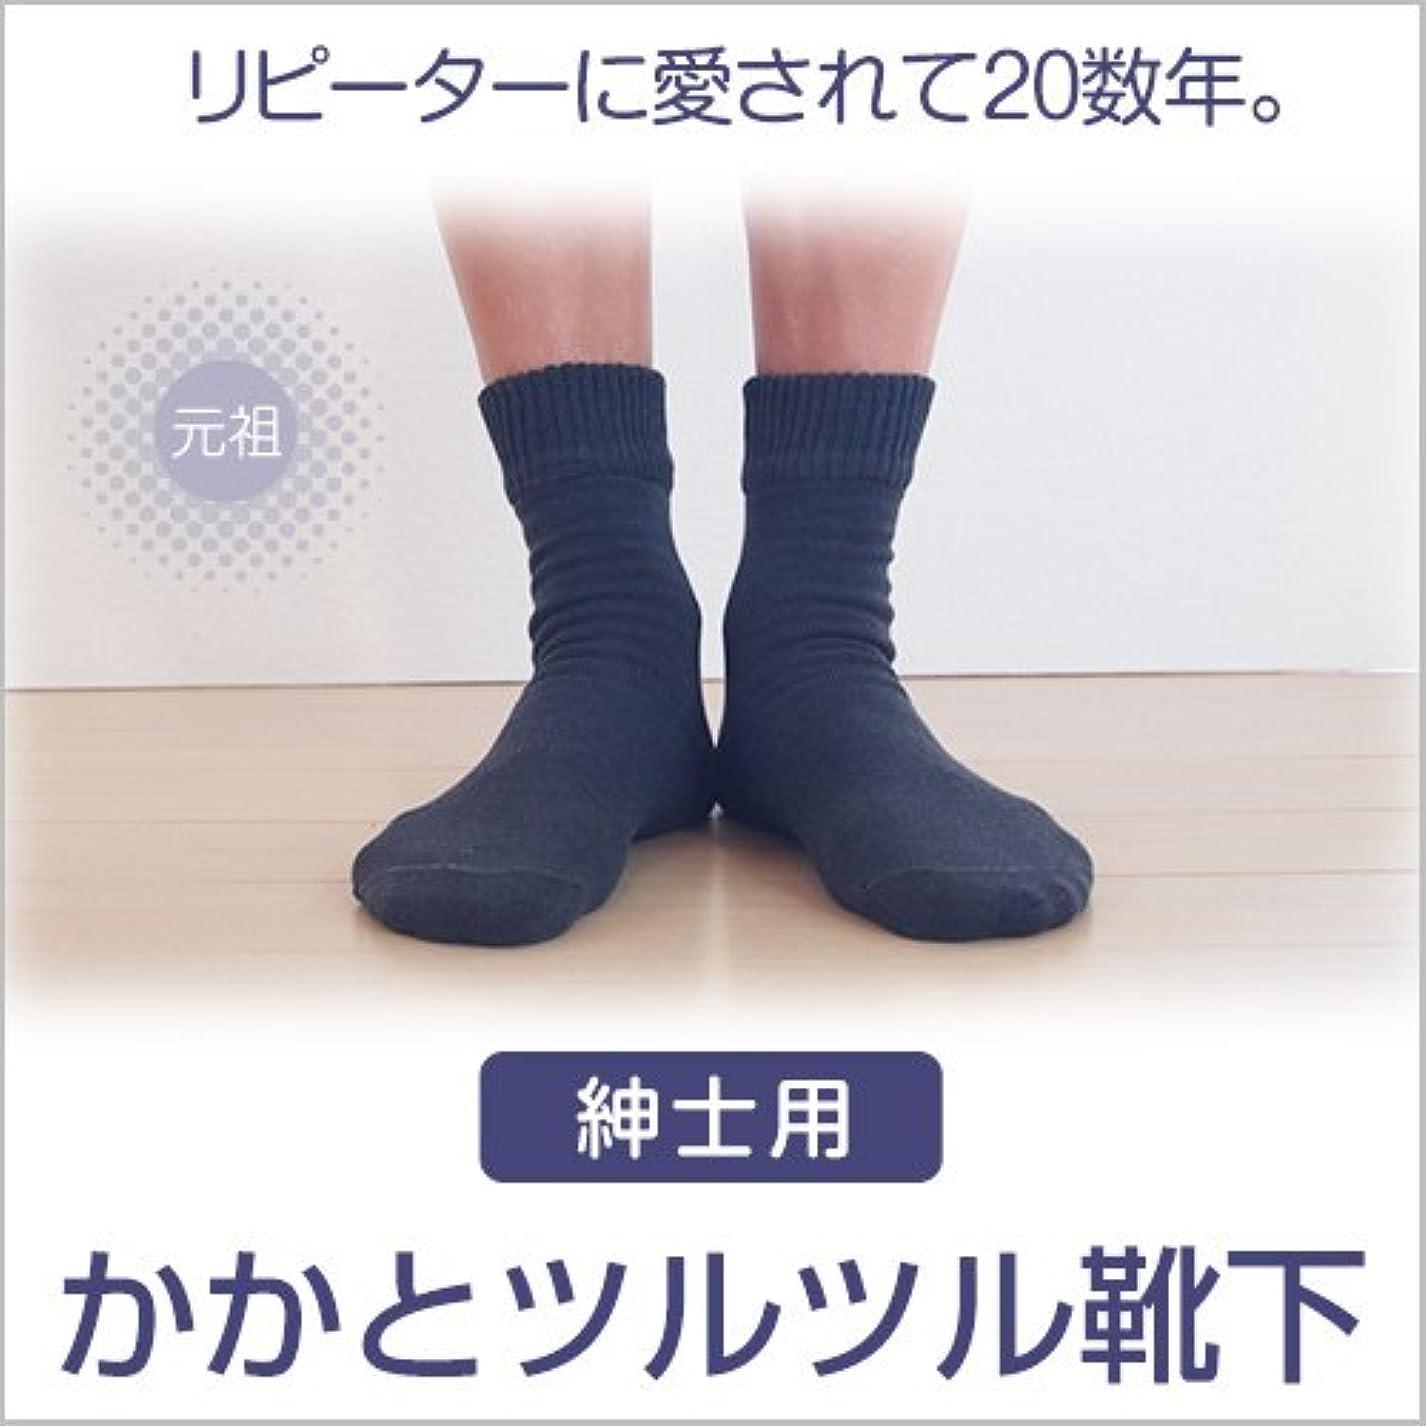 リスク抽象化平衡男性用 かかと ツルツル 靴下 ネイビー 24-26cm 角質 ケア ひび割れ 対策 太陽ニット 700